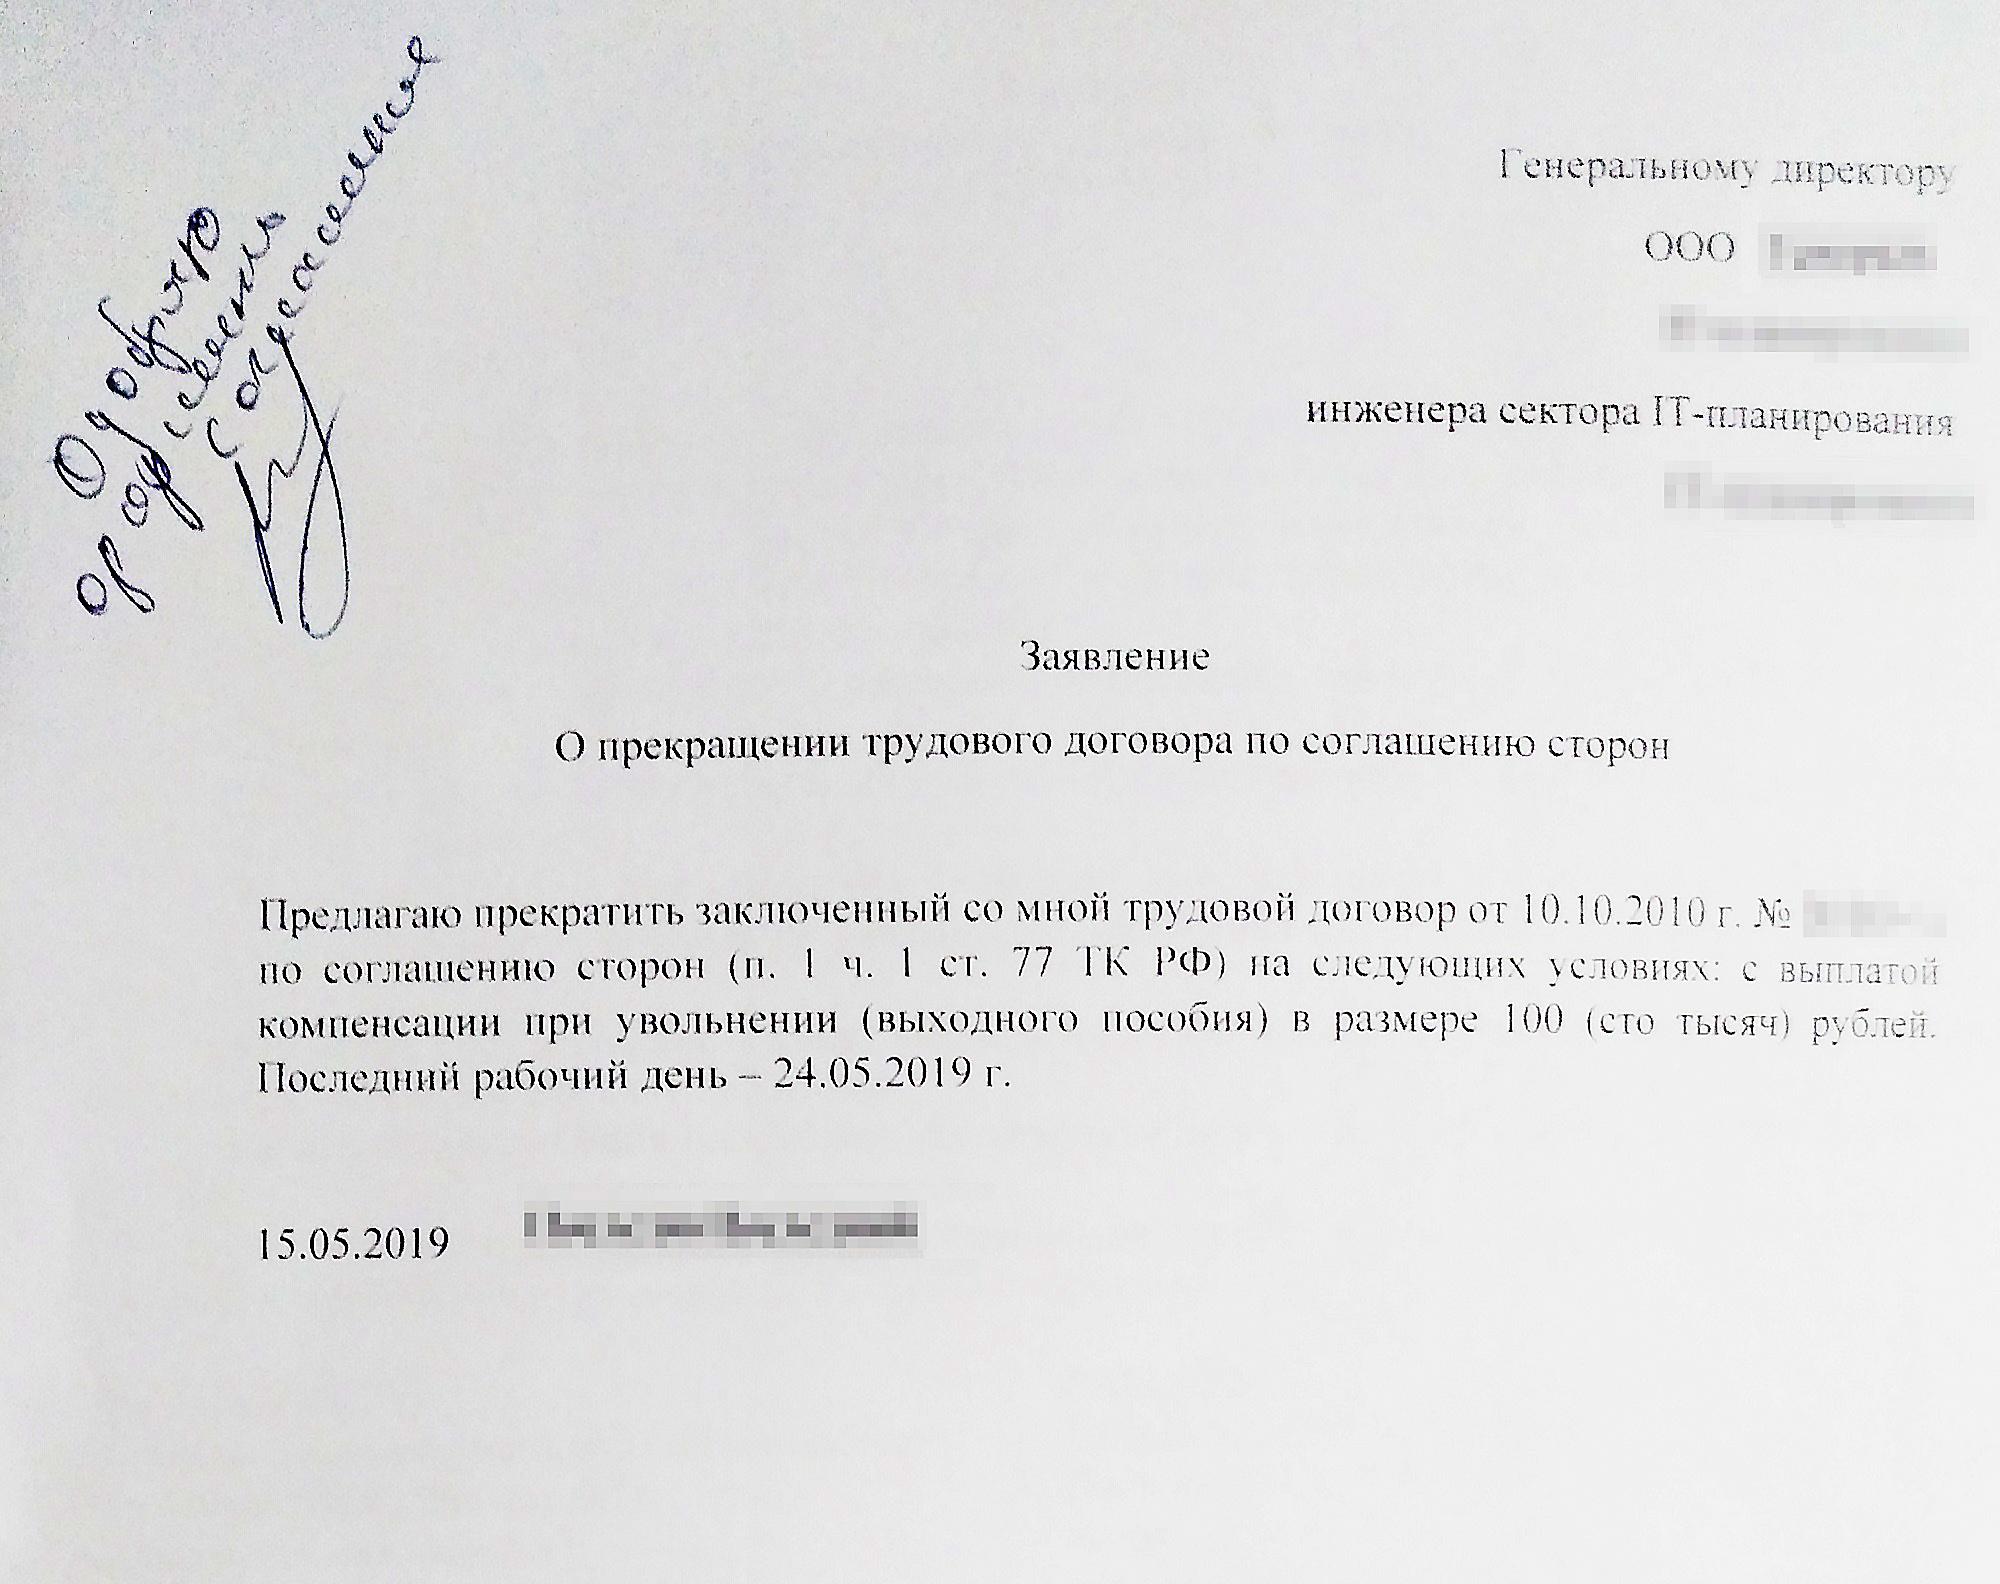 Пример заявления о прекращении трудового договора по соглашению сторон по инициативе работника